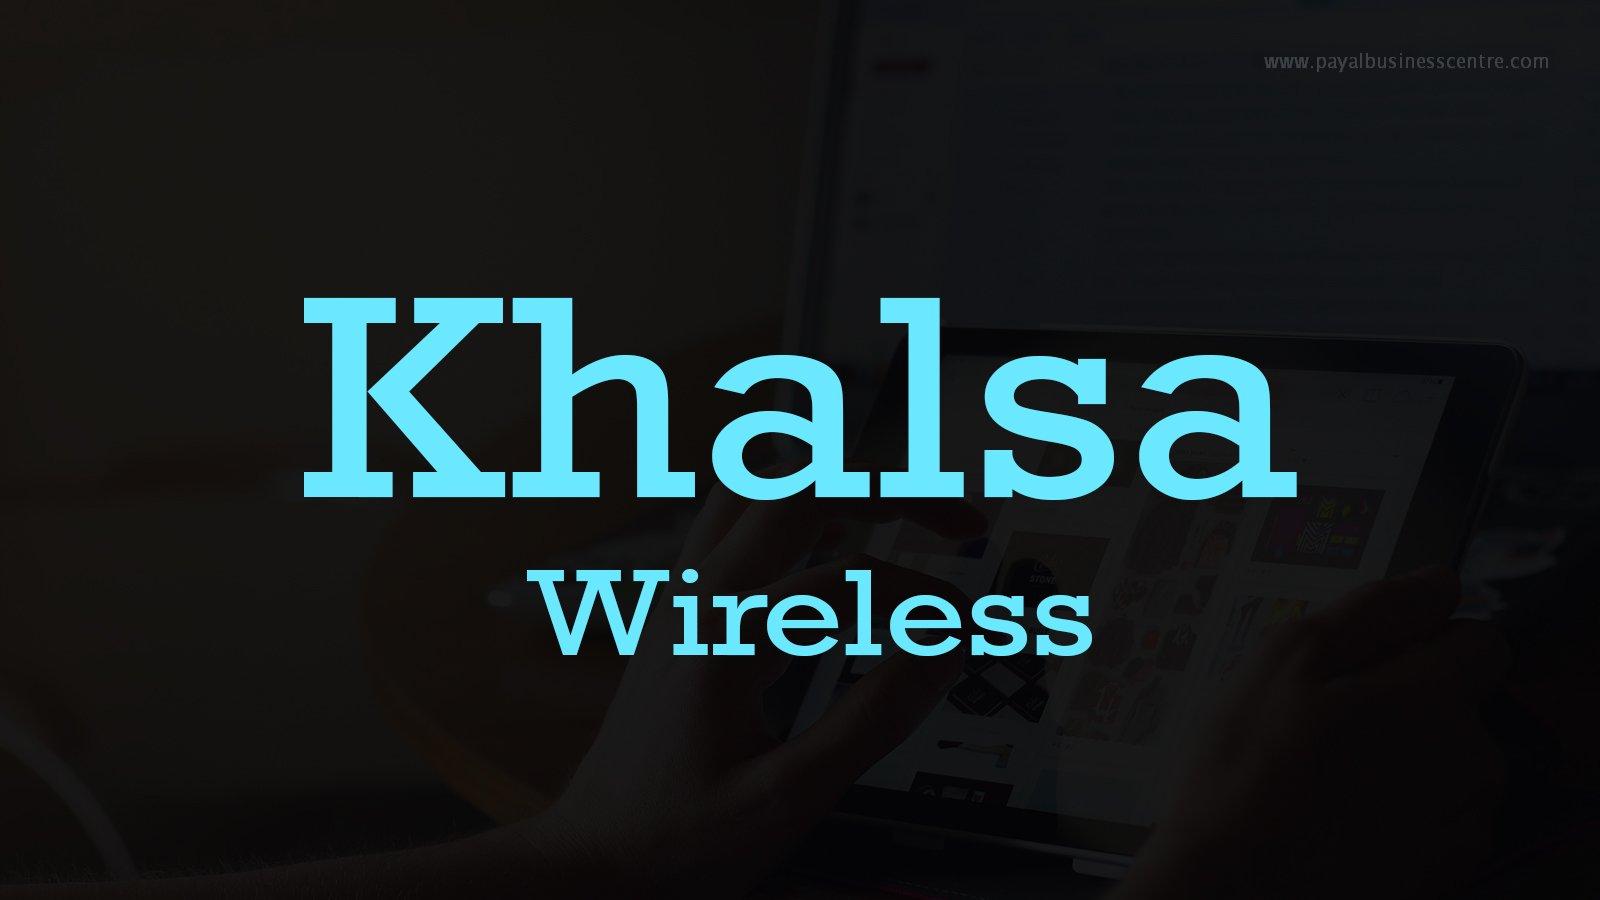 Khalsa Wireless